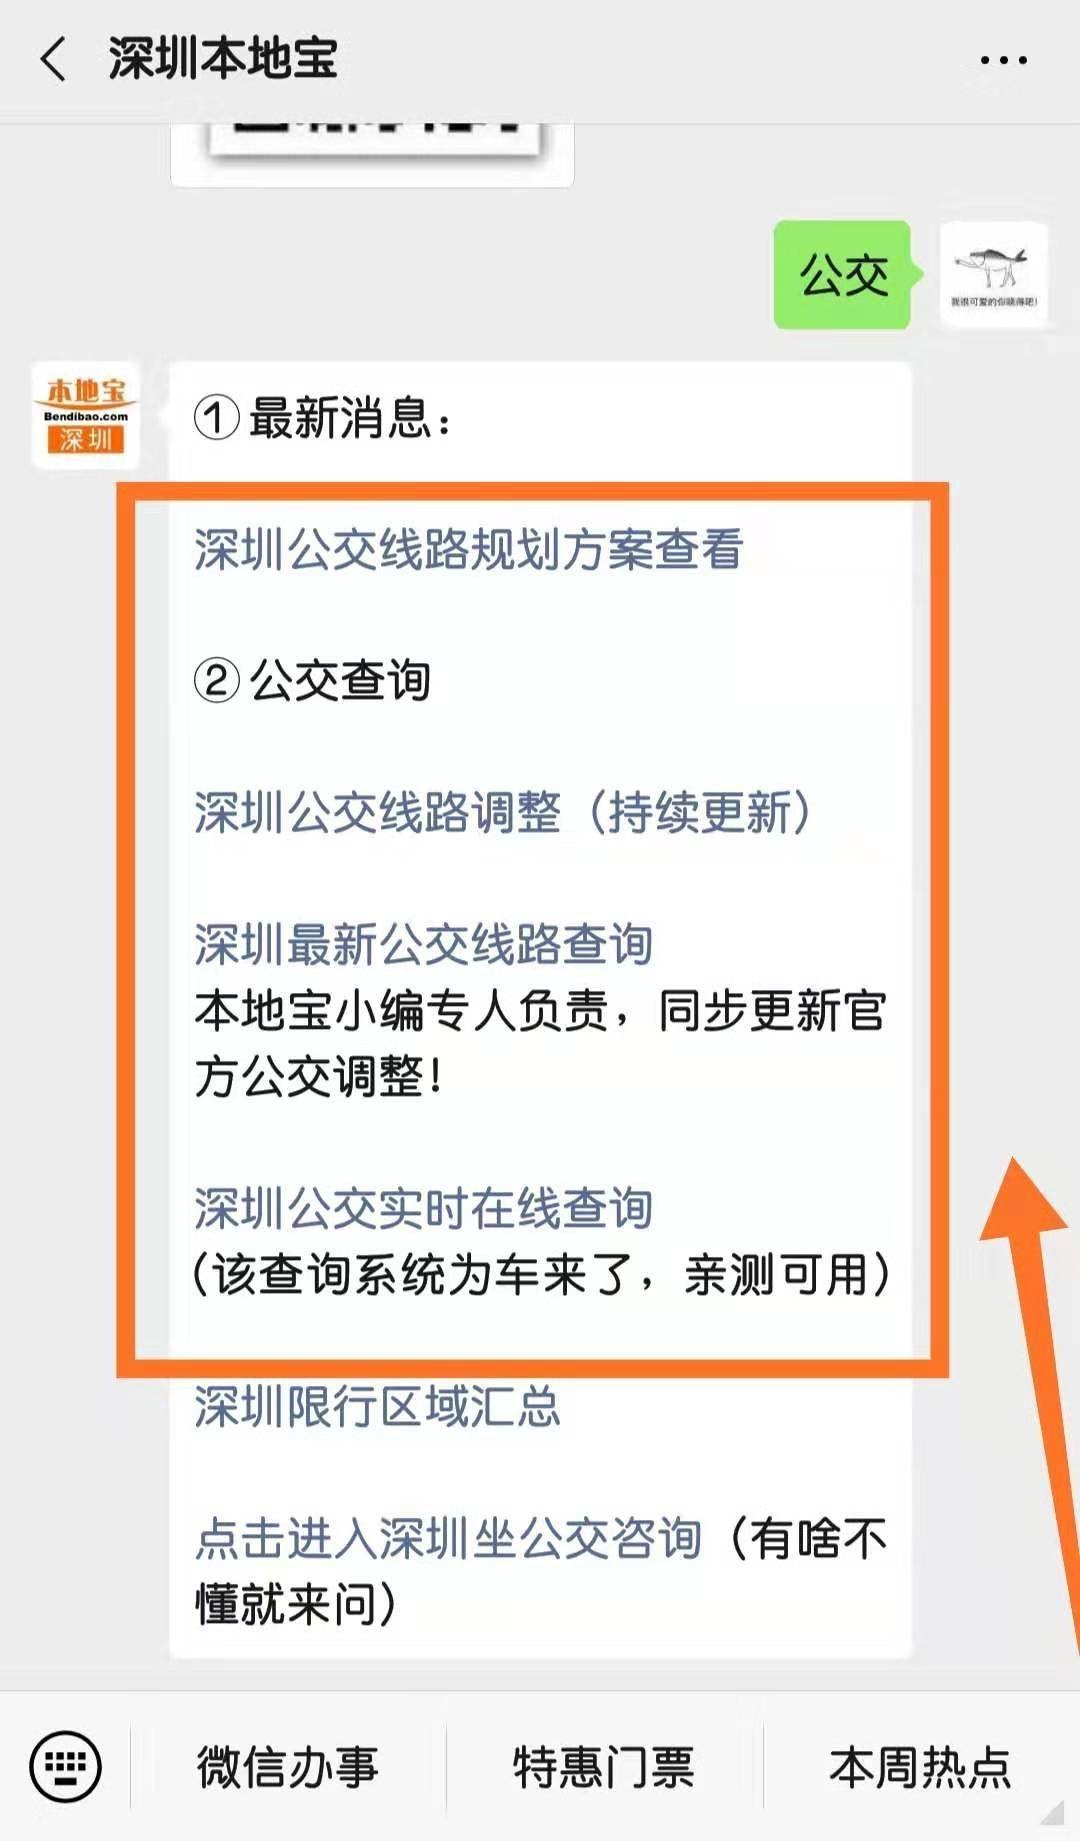 http://www.szminfu.com/shishangchaoliu/32261.html